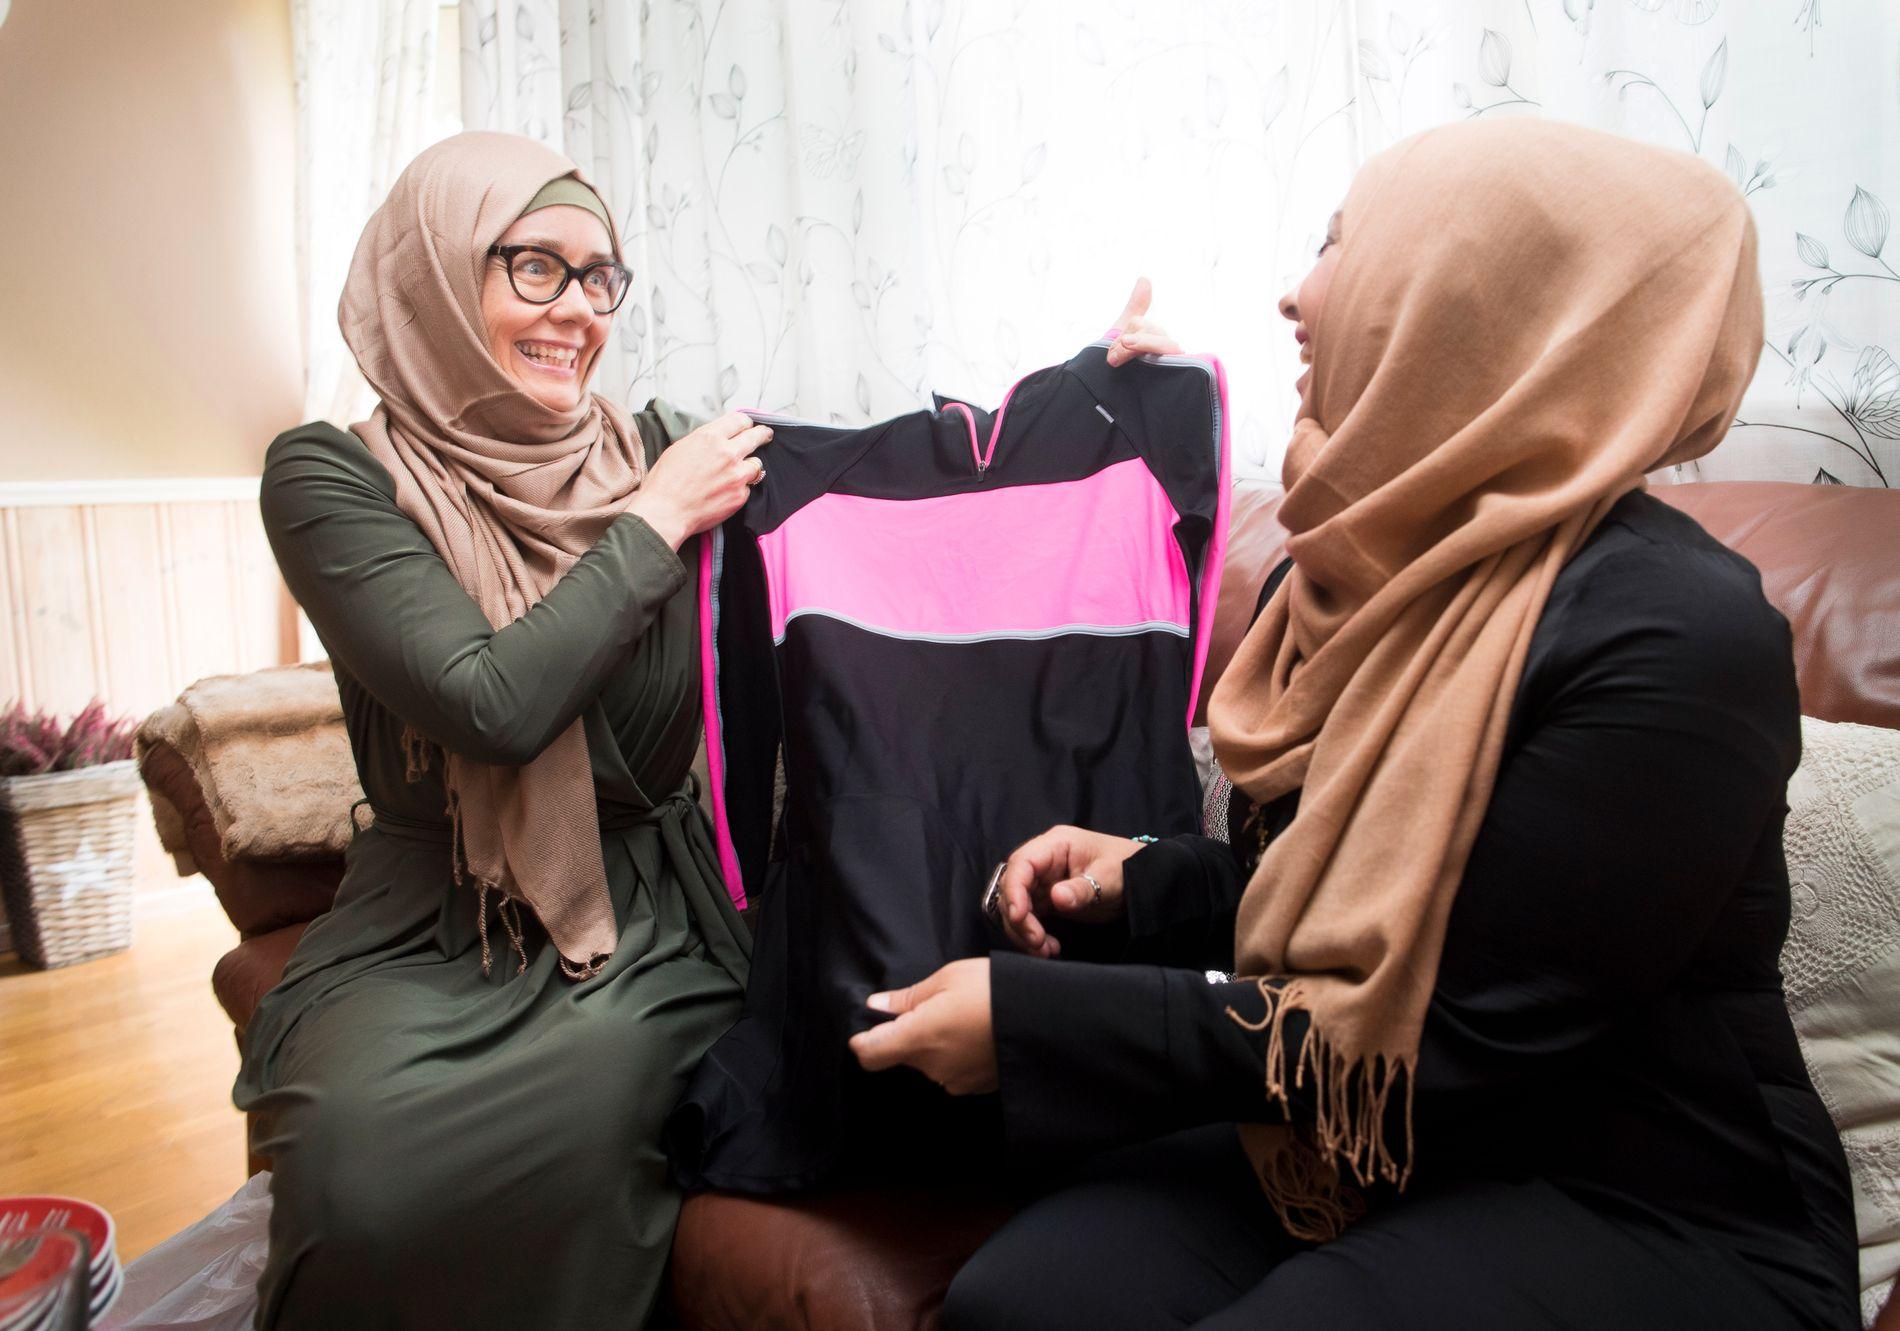 KONTROLL:  – Muslimske kvinner som Maryam Trine Skogen og Laial Ayoub har fått mye hest og kritikk på sosiale medier og på SMS på bakgrun av samfunnsengasjement og åpenhet. Mange tør ikke stå frem av frykt for konsekvensene. Foto: FREDRIK SOLSTAD, VG